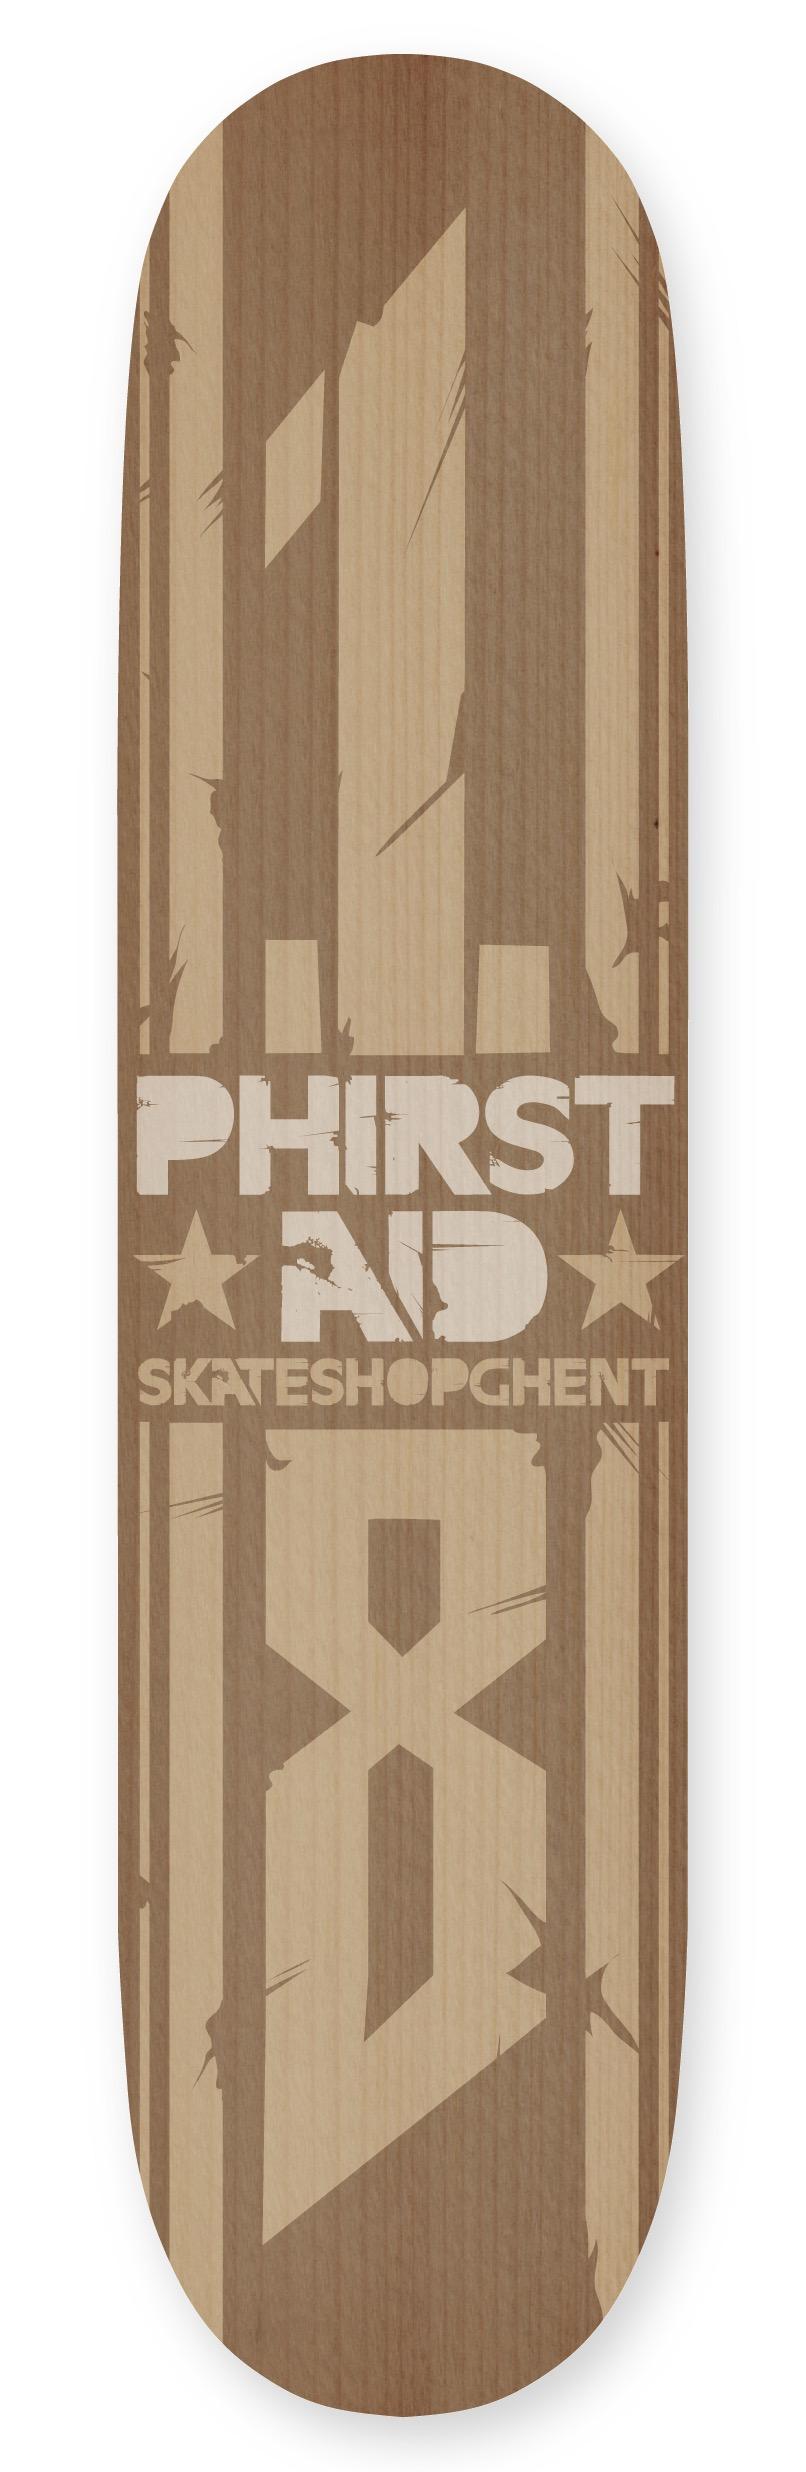 1st8 Skateshop Ghent